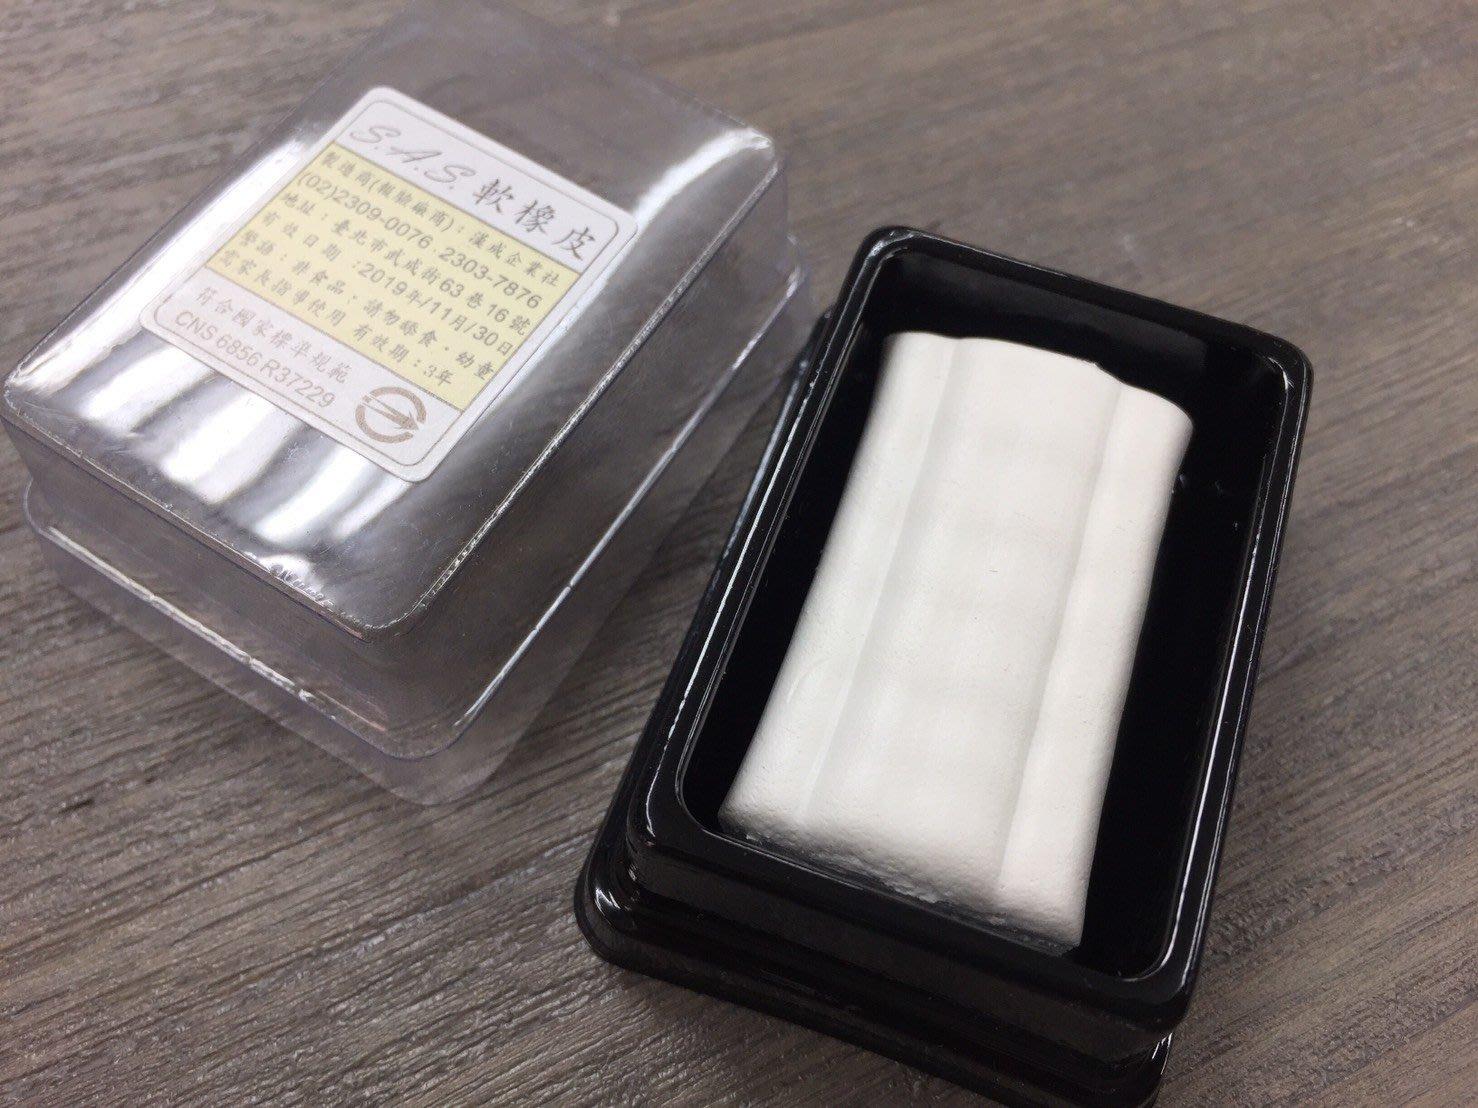 藝城美術►塑膠擦 軟橡皮 ( 適用炭筆/炭精筆/粉彩/素描鉛筆/無毒 )